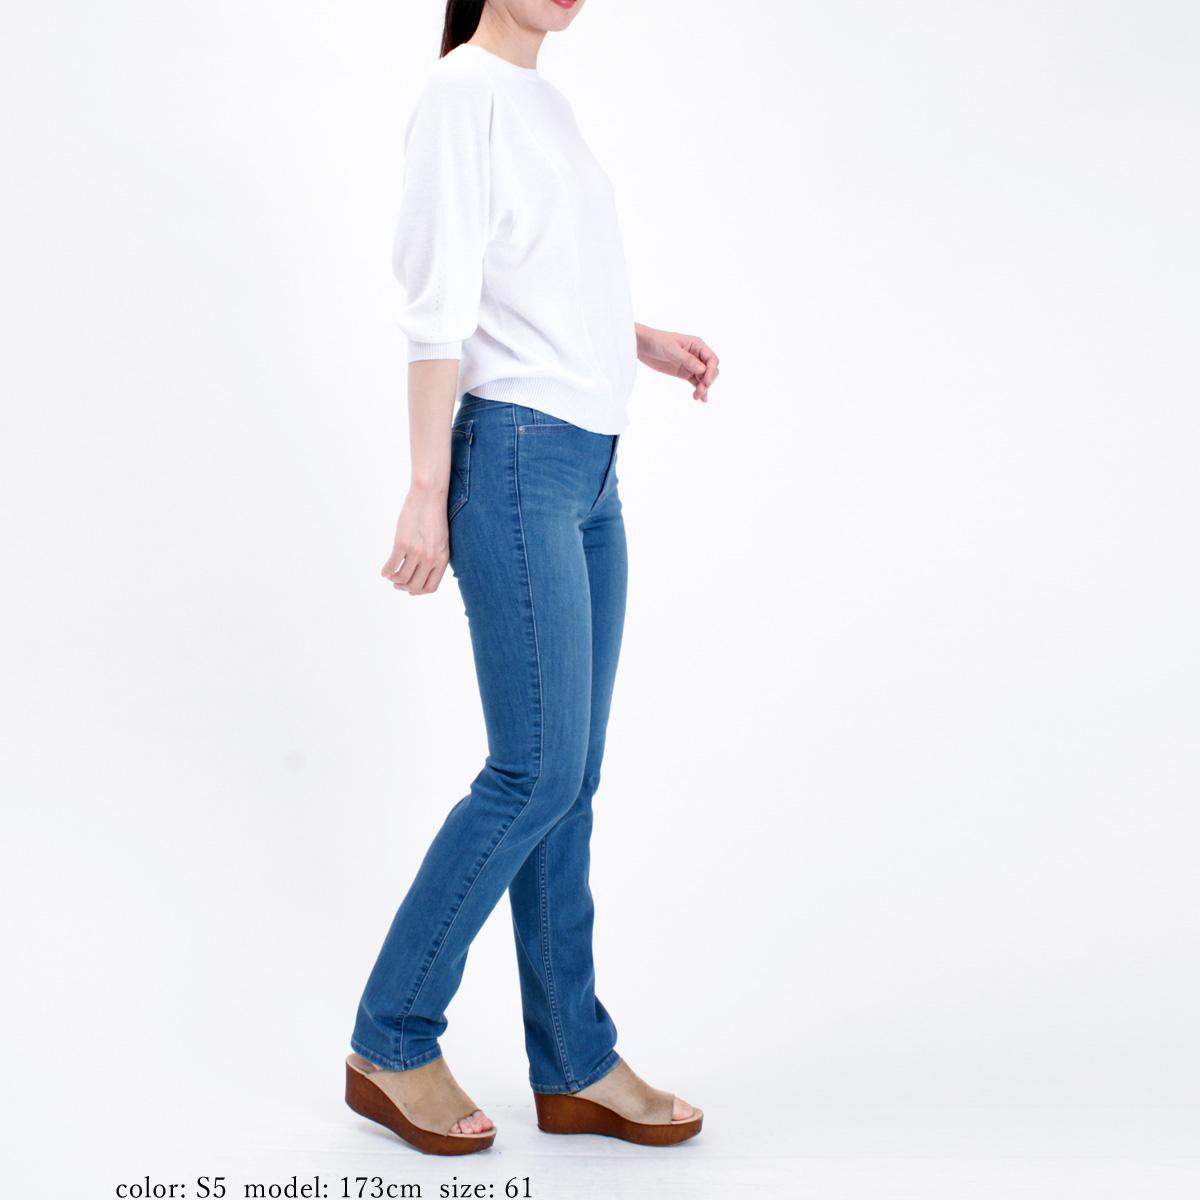 【SALE】Mrs.Jeana ■涼■ クールビューティデニム サマーストレート MJ4562